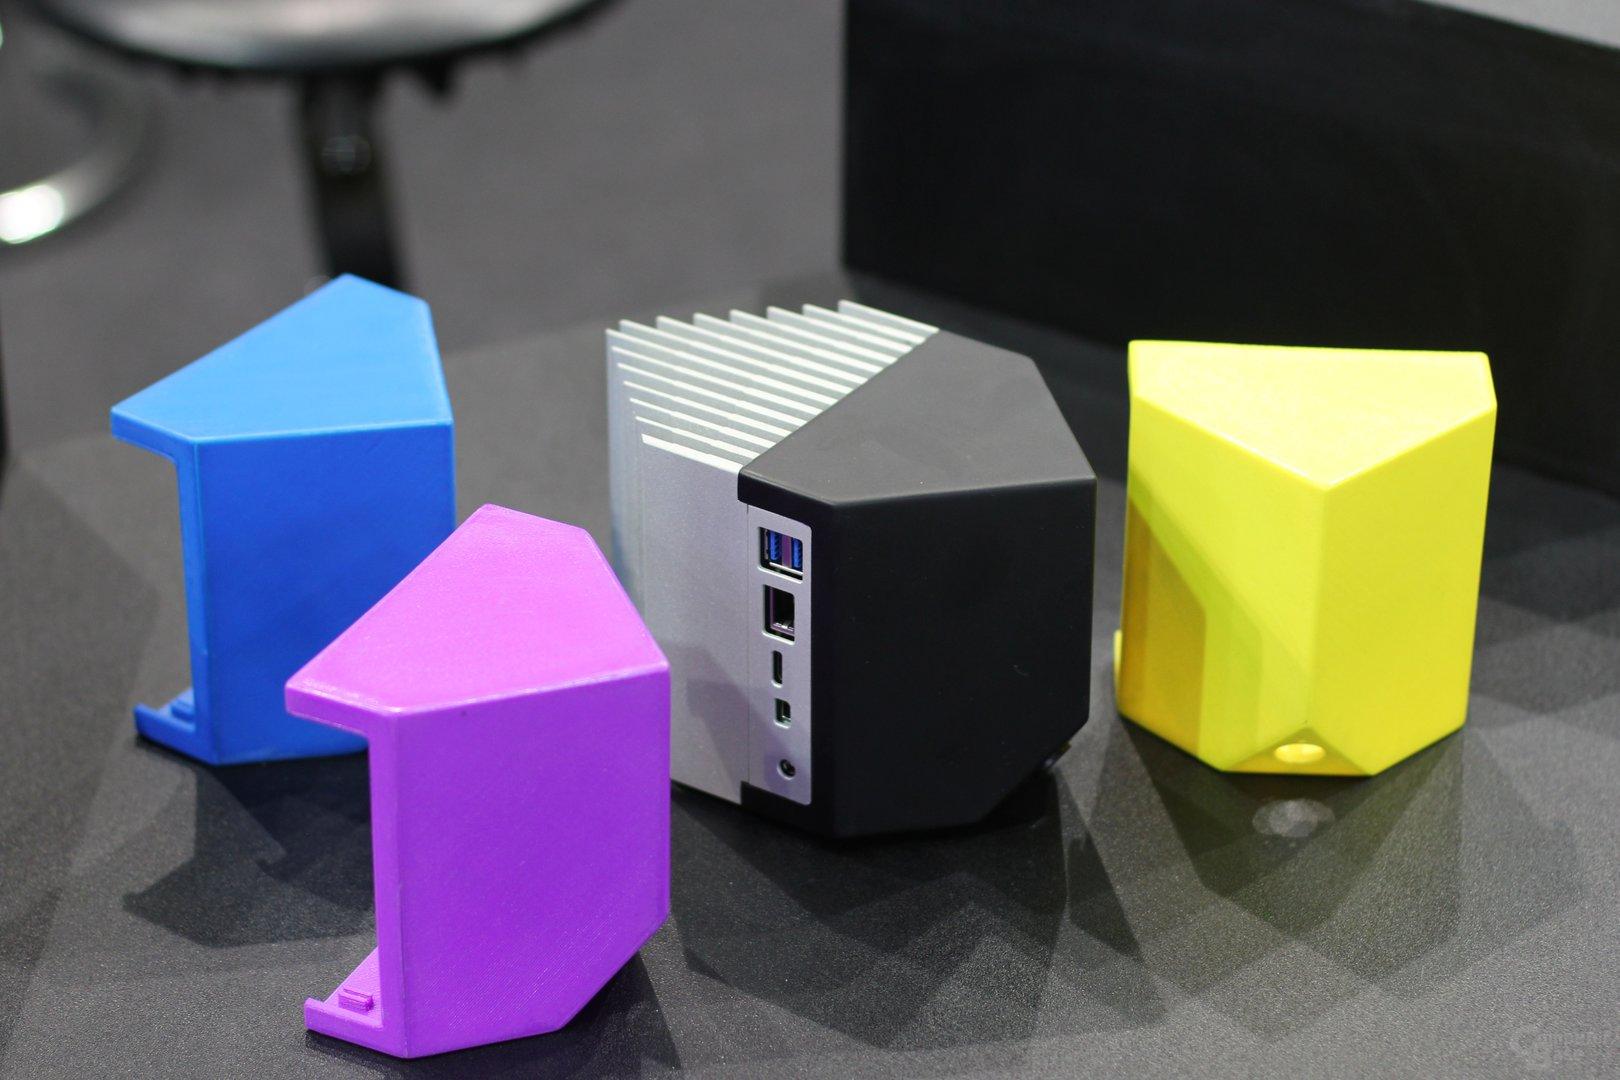 Mini-PC-Gehäuse für Intels NUC mit Front aus dem 3D-Drucker